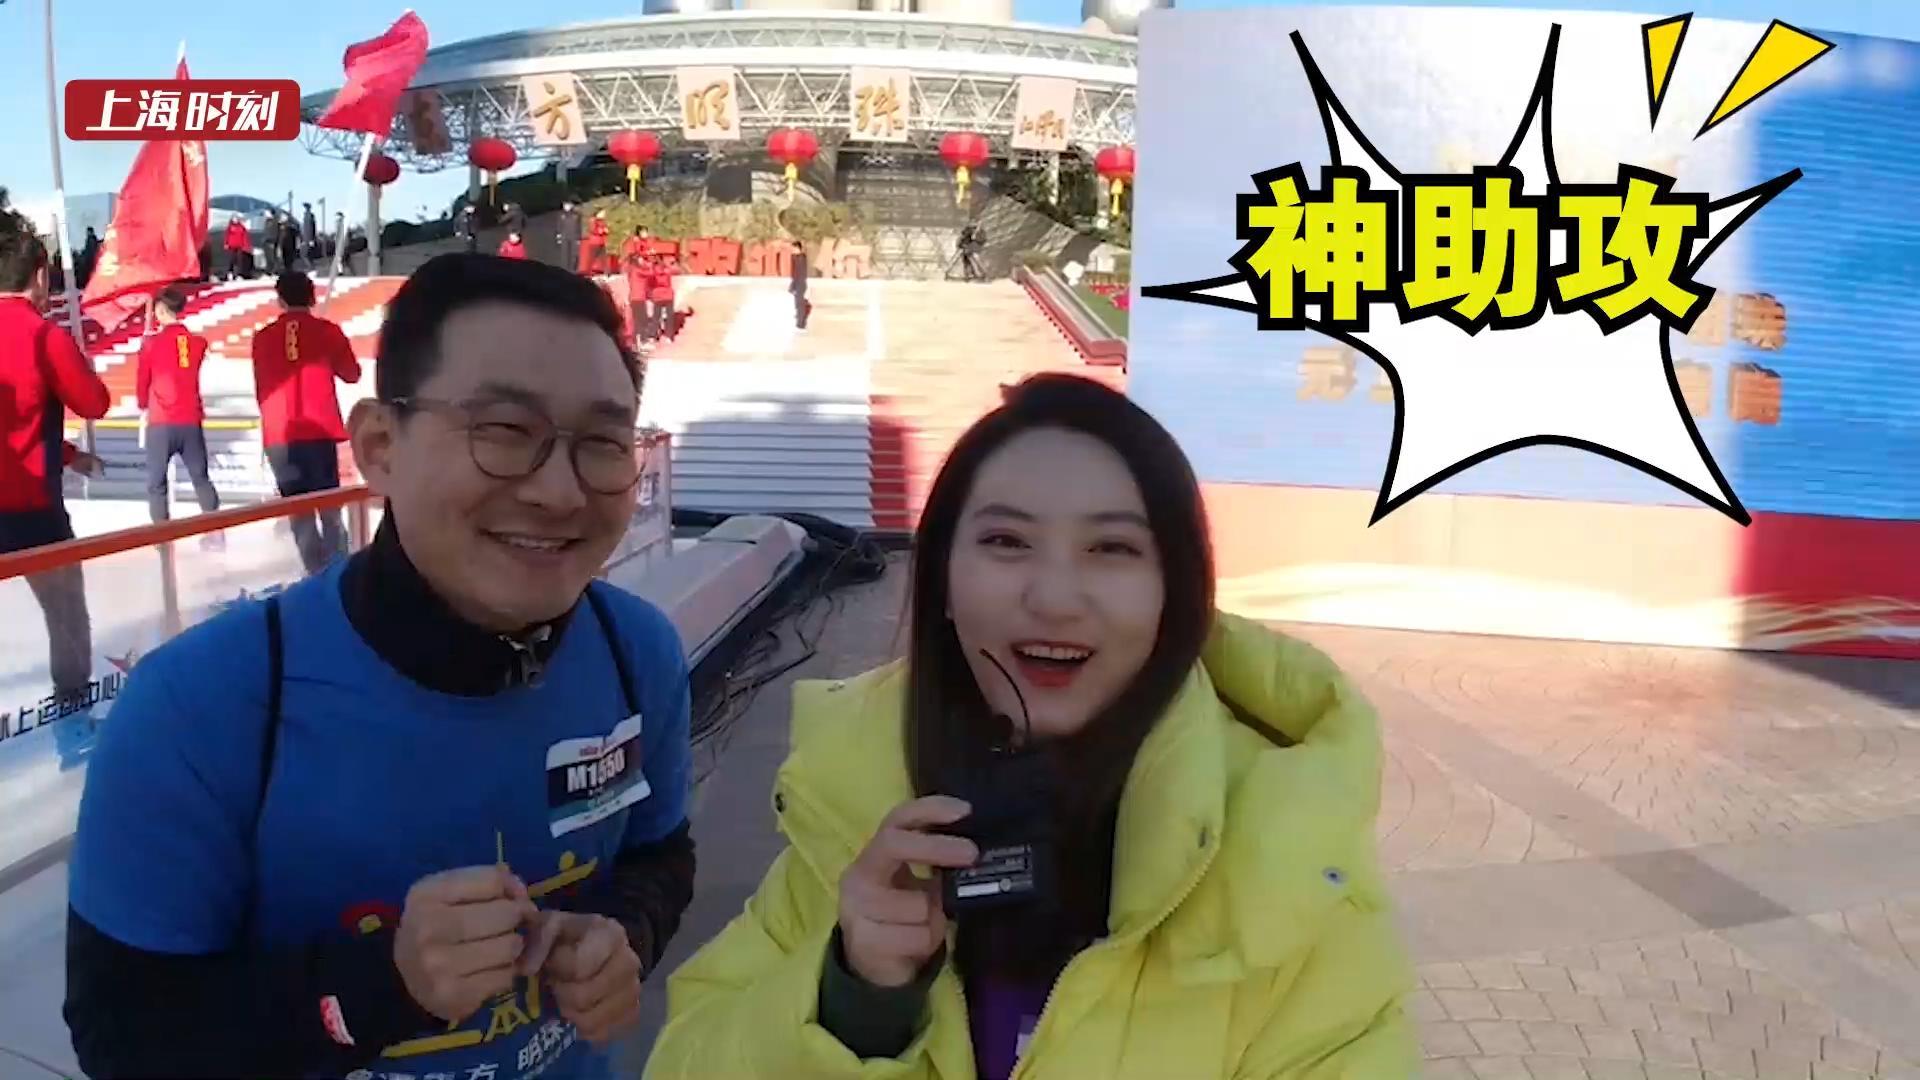 """新年登高节节高!歆克勒勇攀东方明珠塔斩获""""第一名"""""""